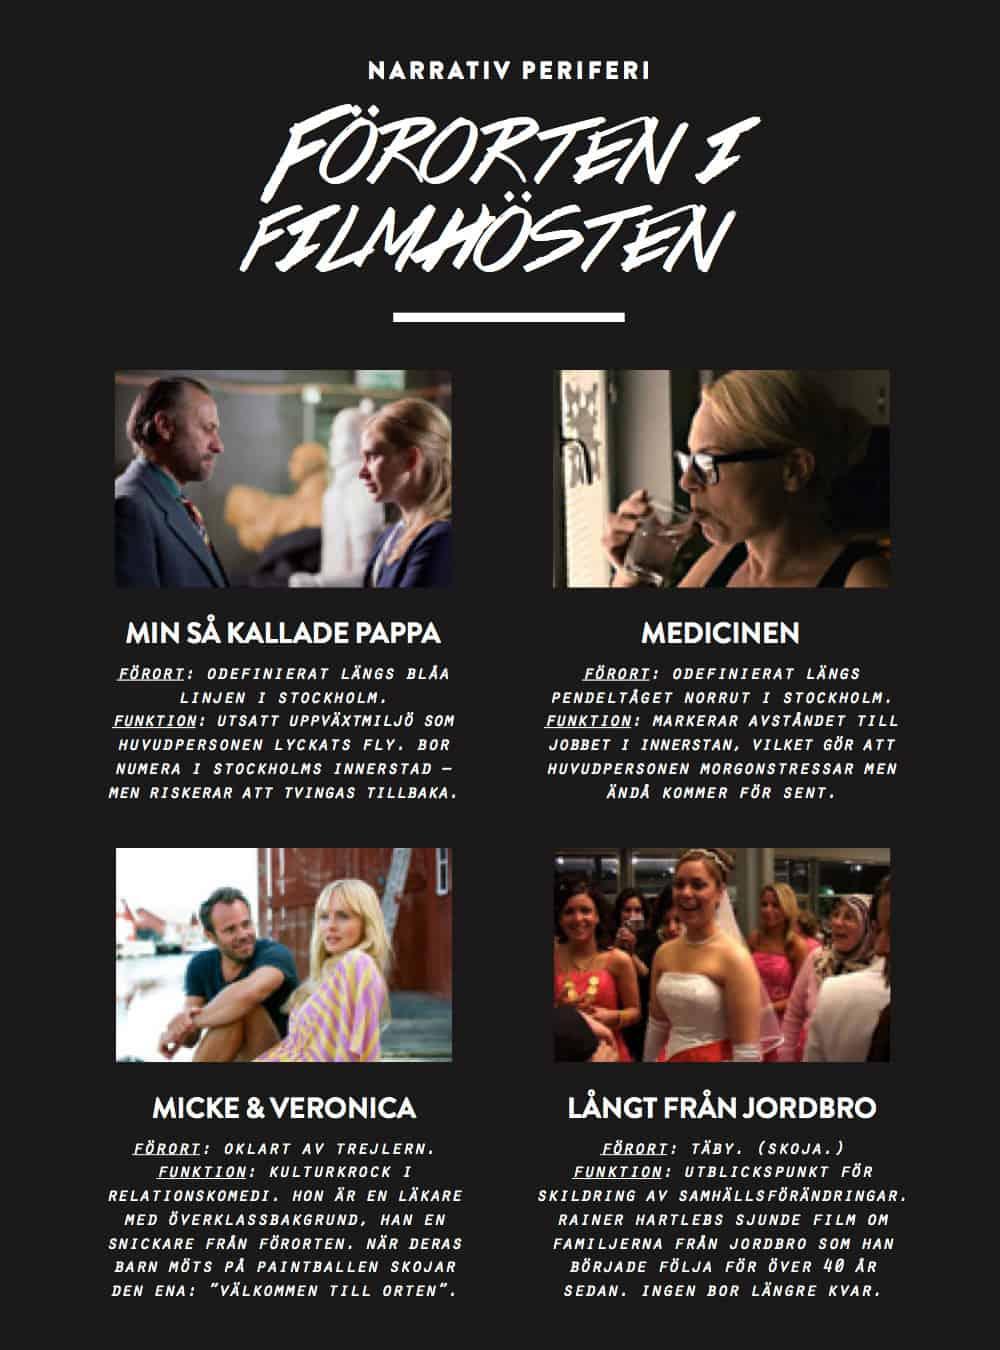 Förorten i svensk film